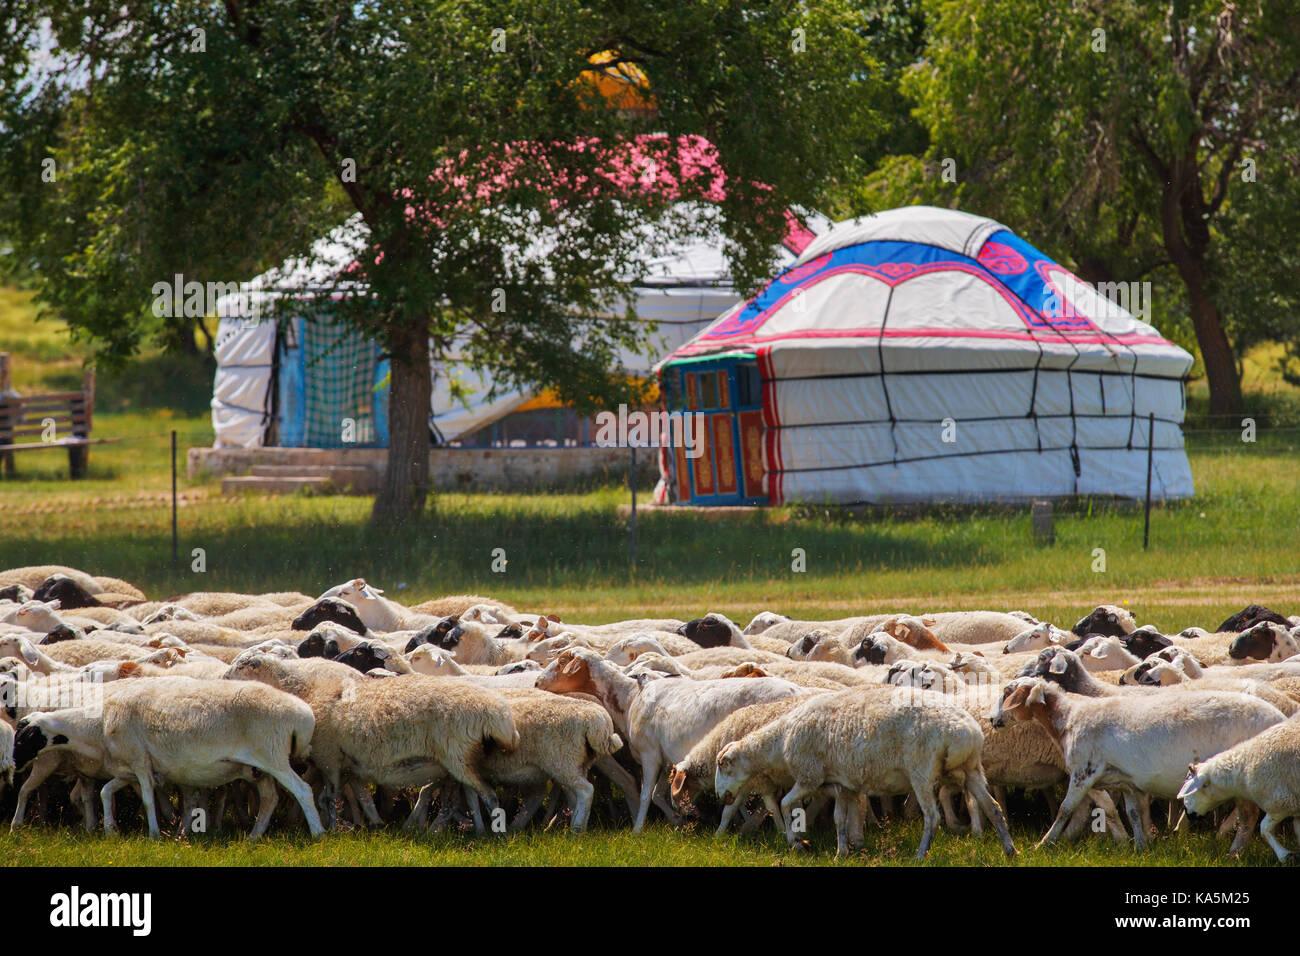 Allevamento di ovini nella prateria della Mongolia interna e la yurta dove il popolo mongolo vive nelle zone rurali Immagini Stock